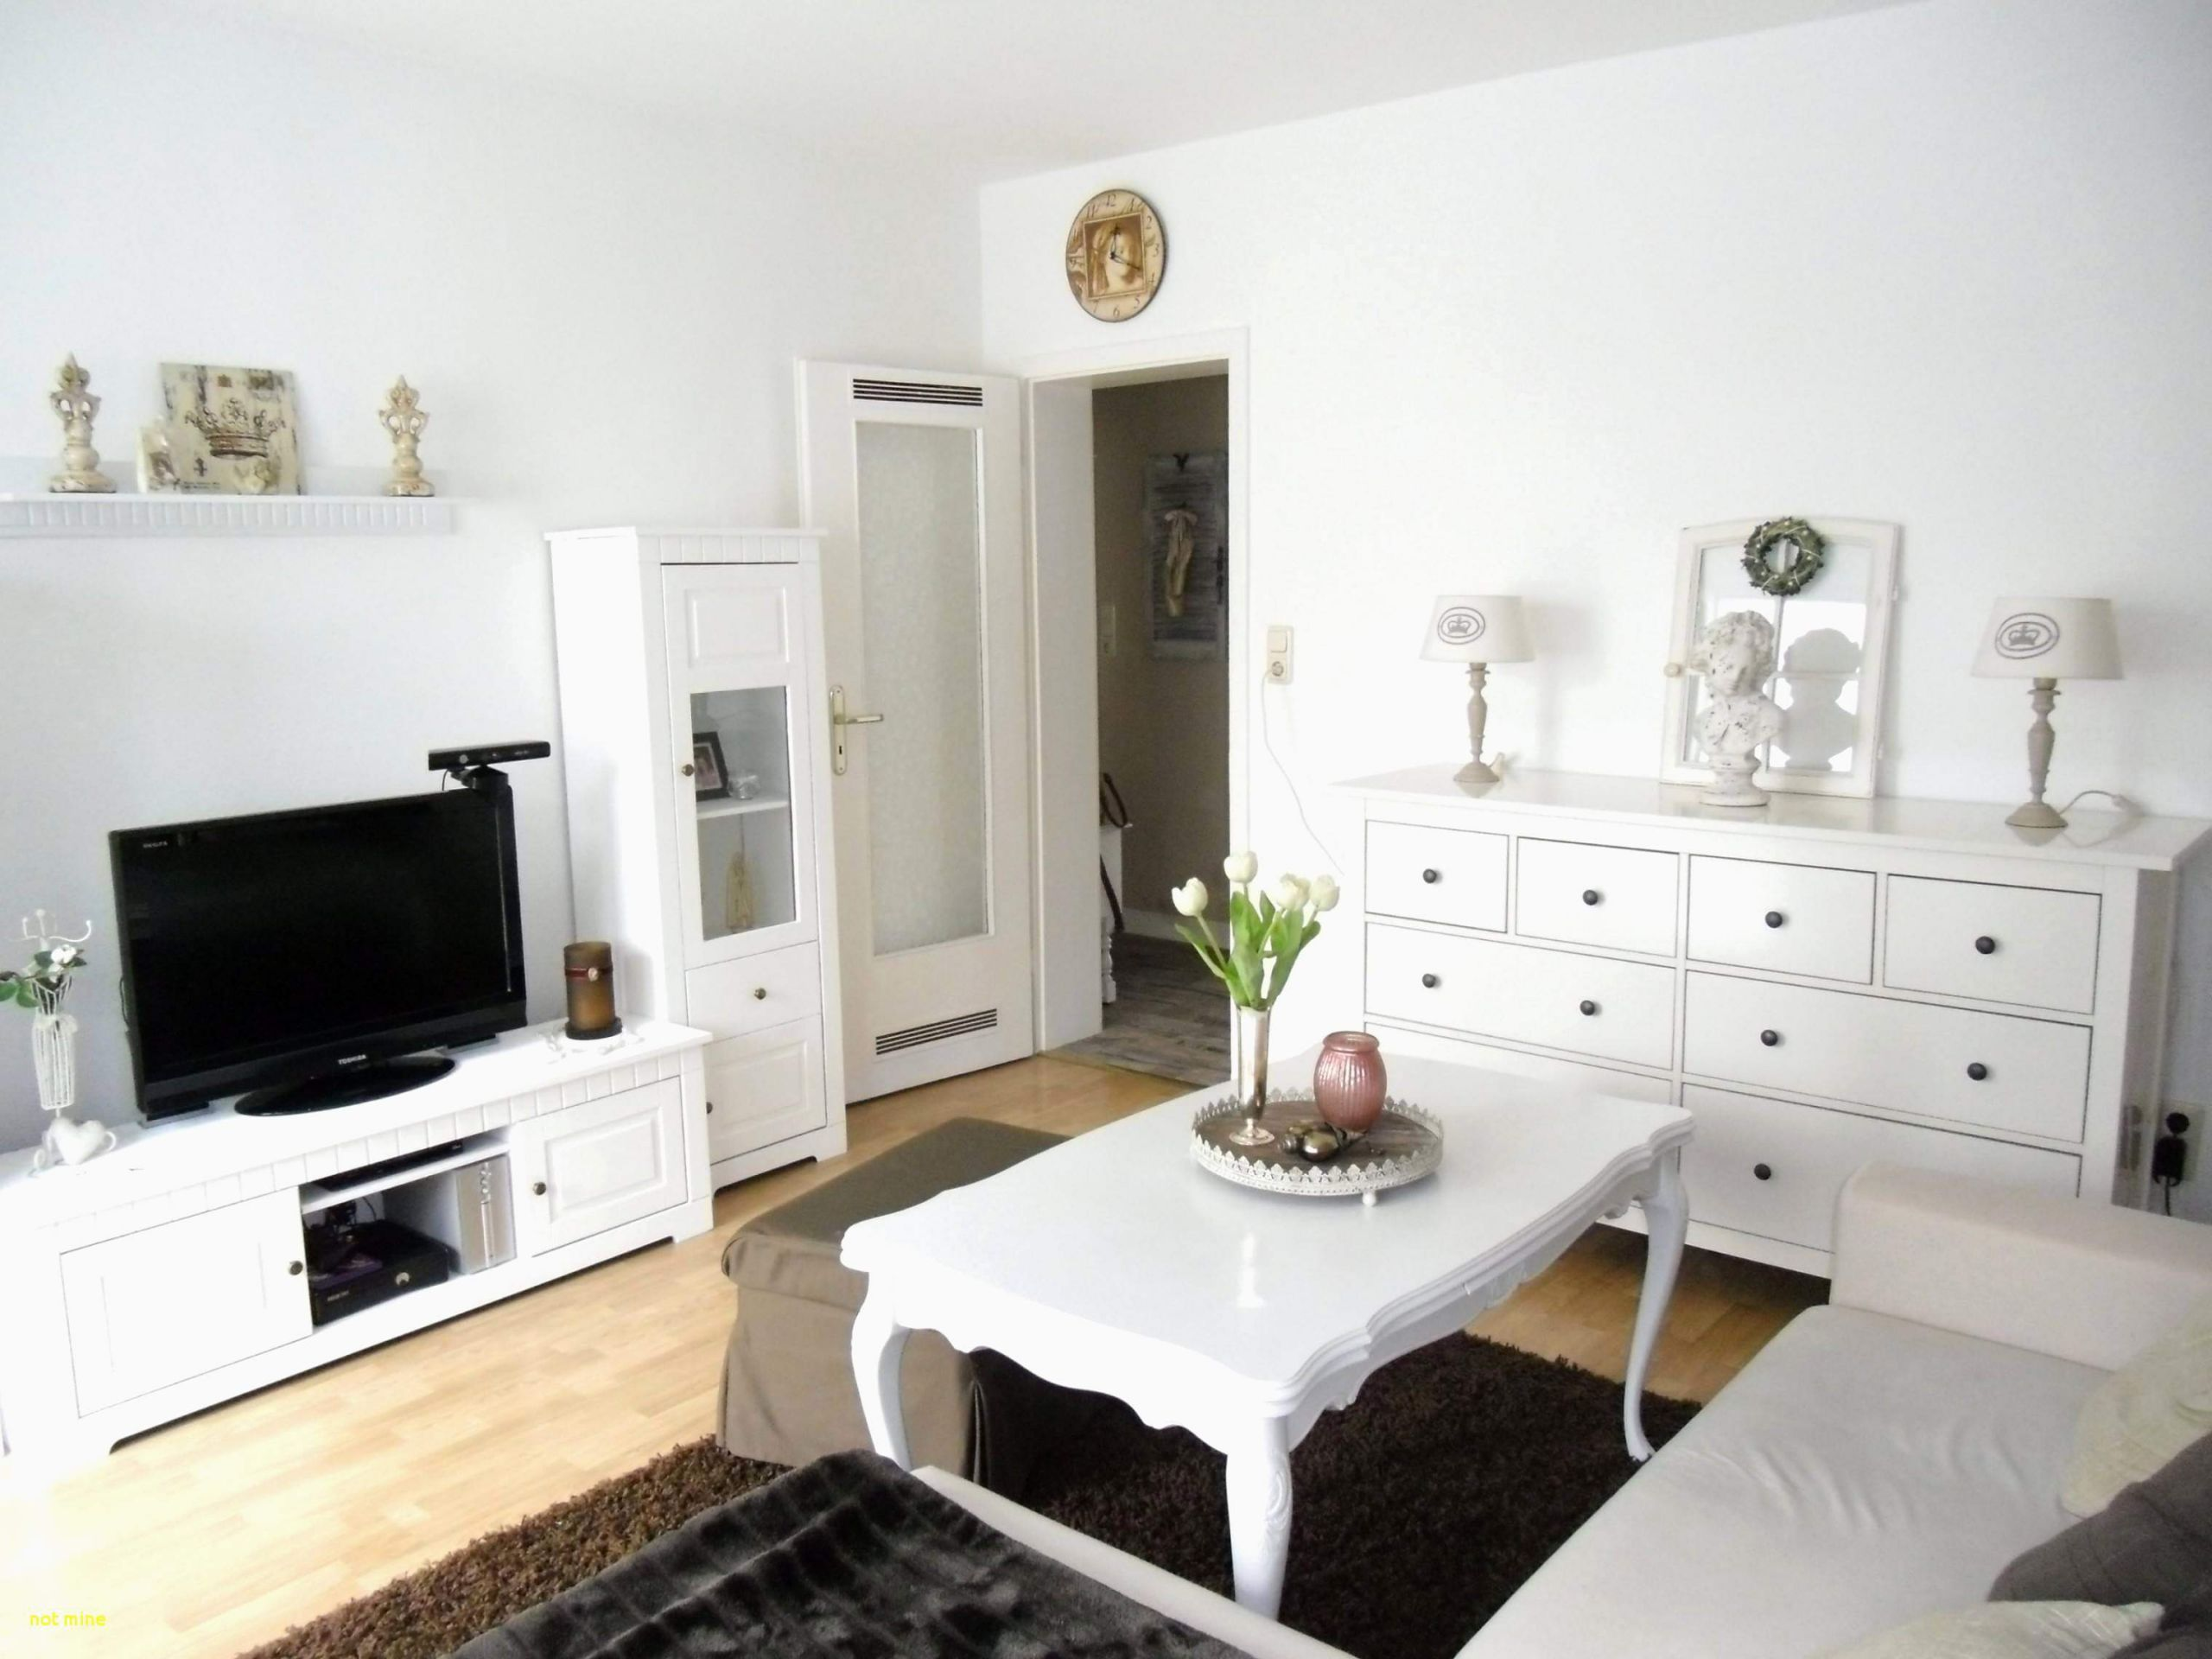 wohnzimmer deko online shop frisch luxus mobel wohnzimmer design besten ideen ses jahr of wohnzimmer deko online shop